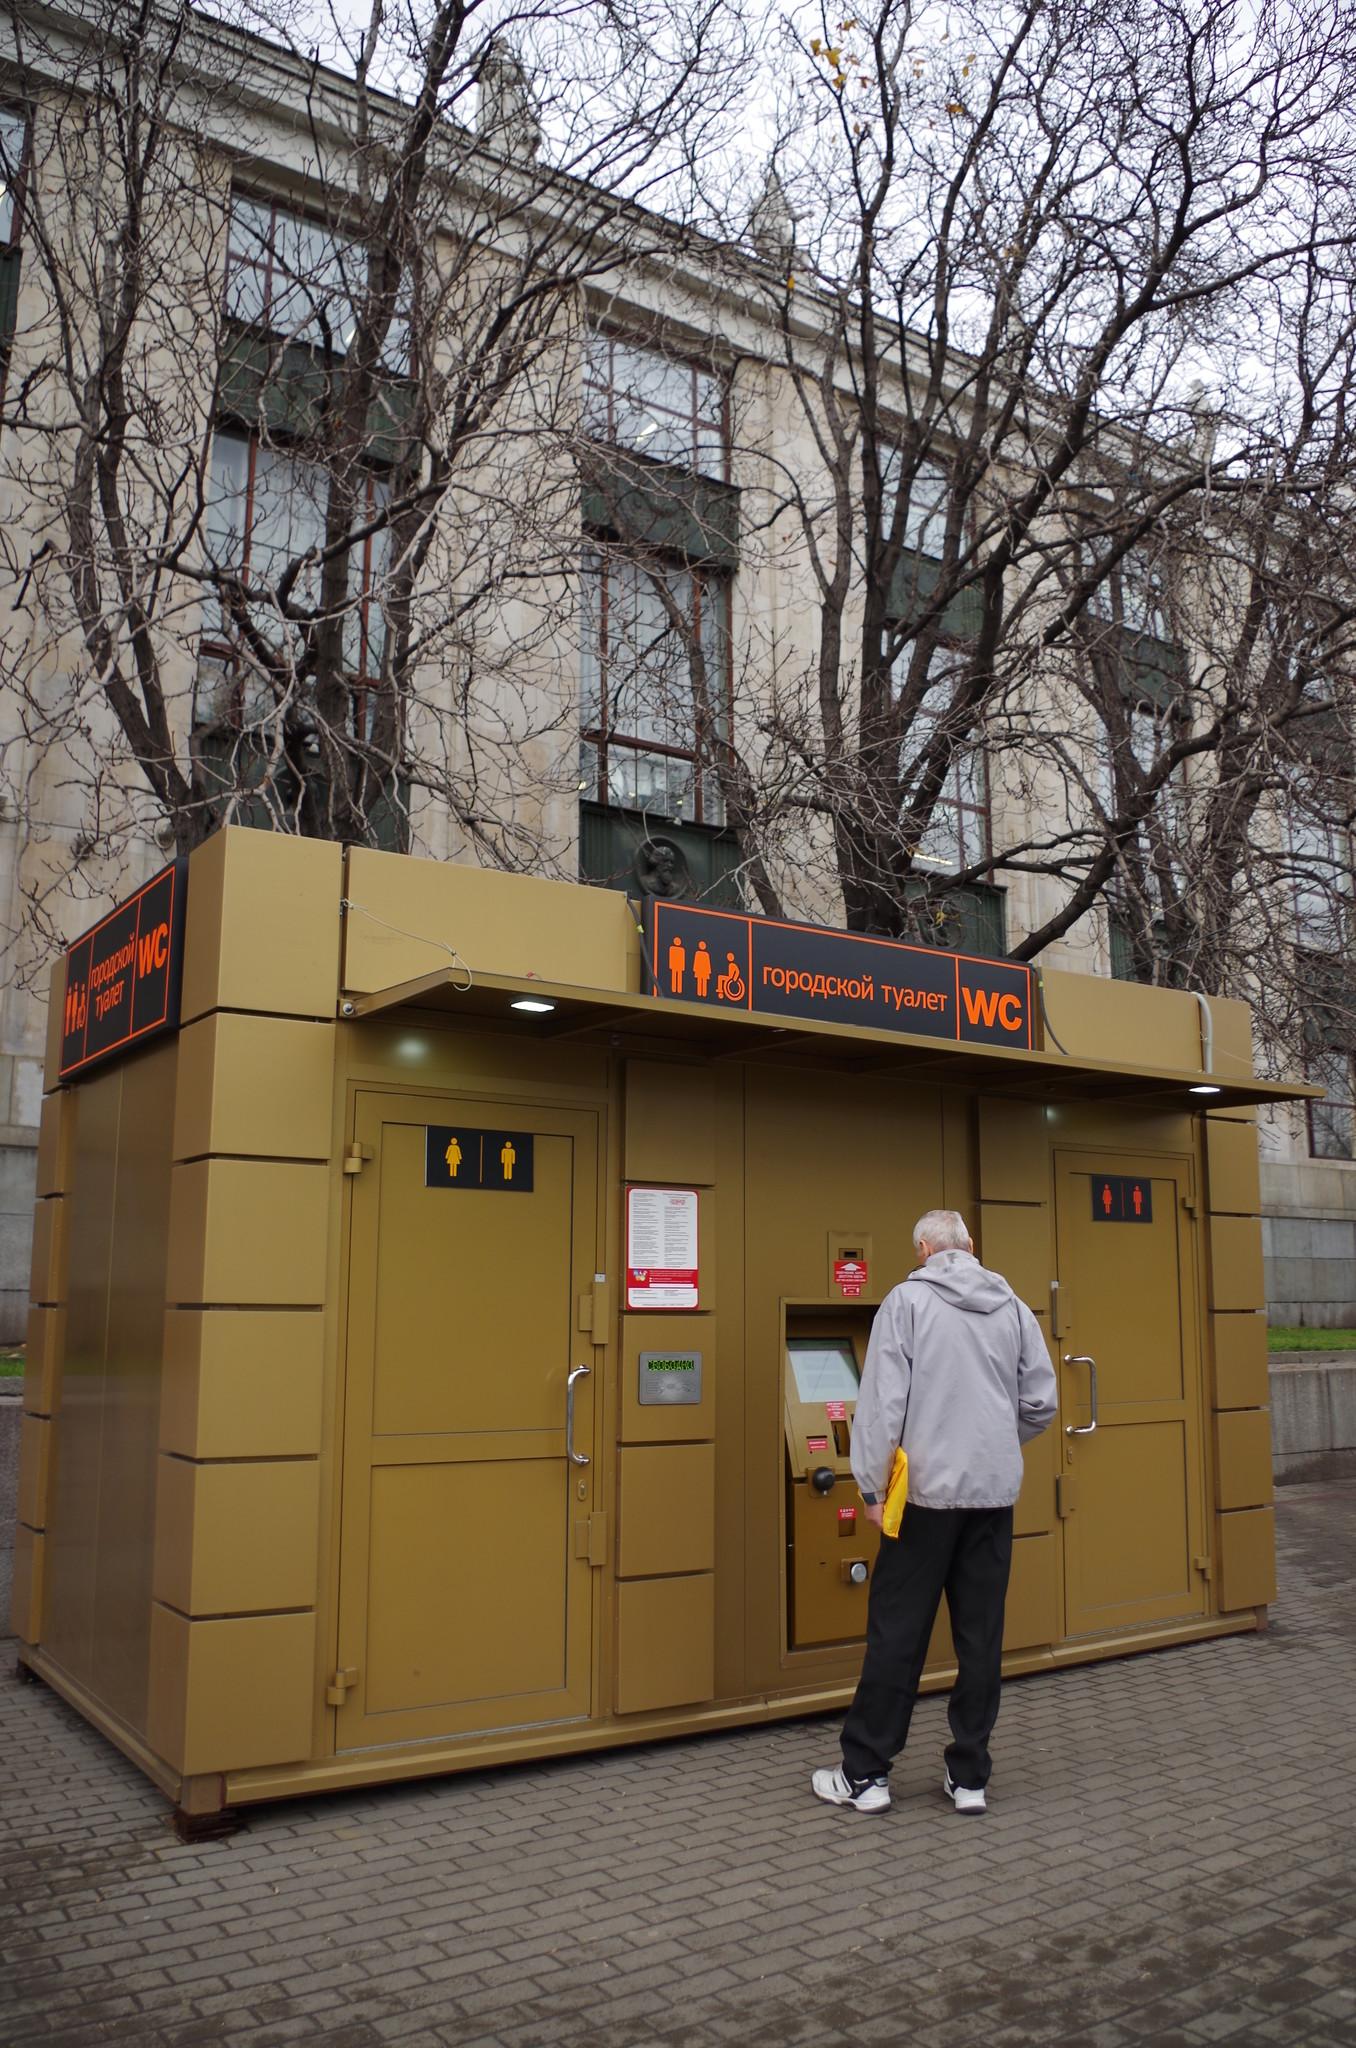 Городской туалет на Моховой улице